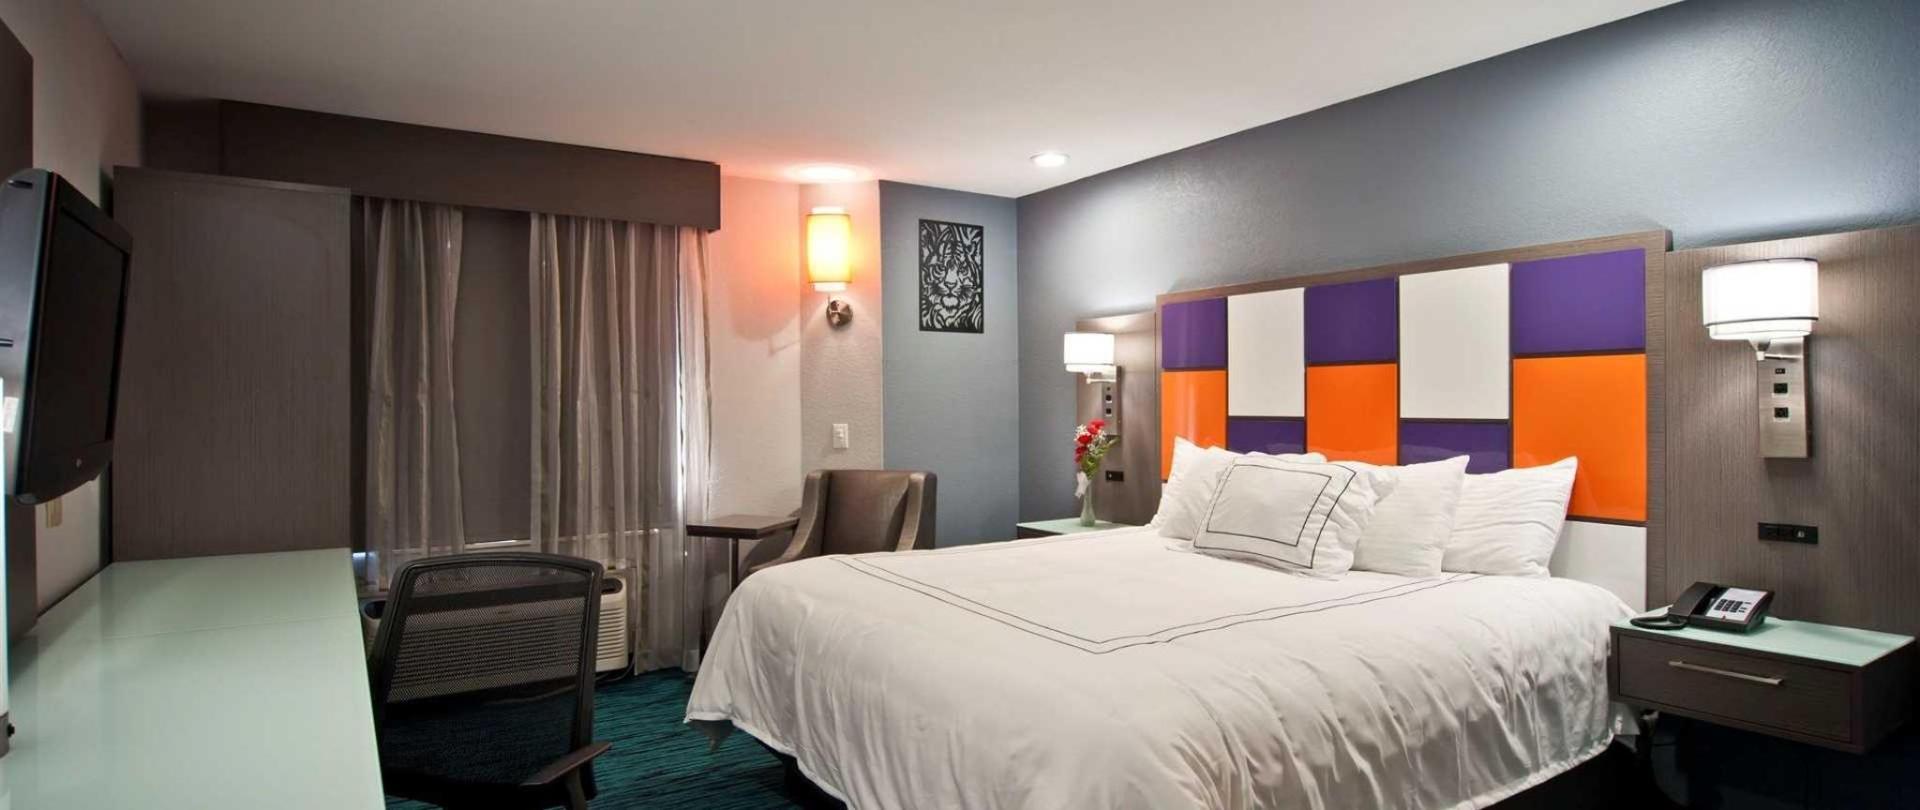 Hotel Tillman